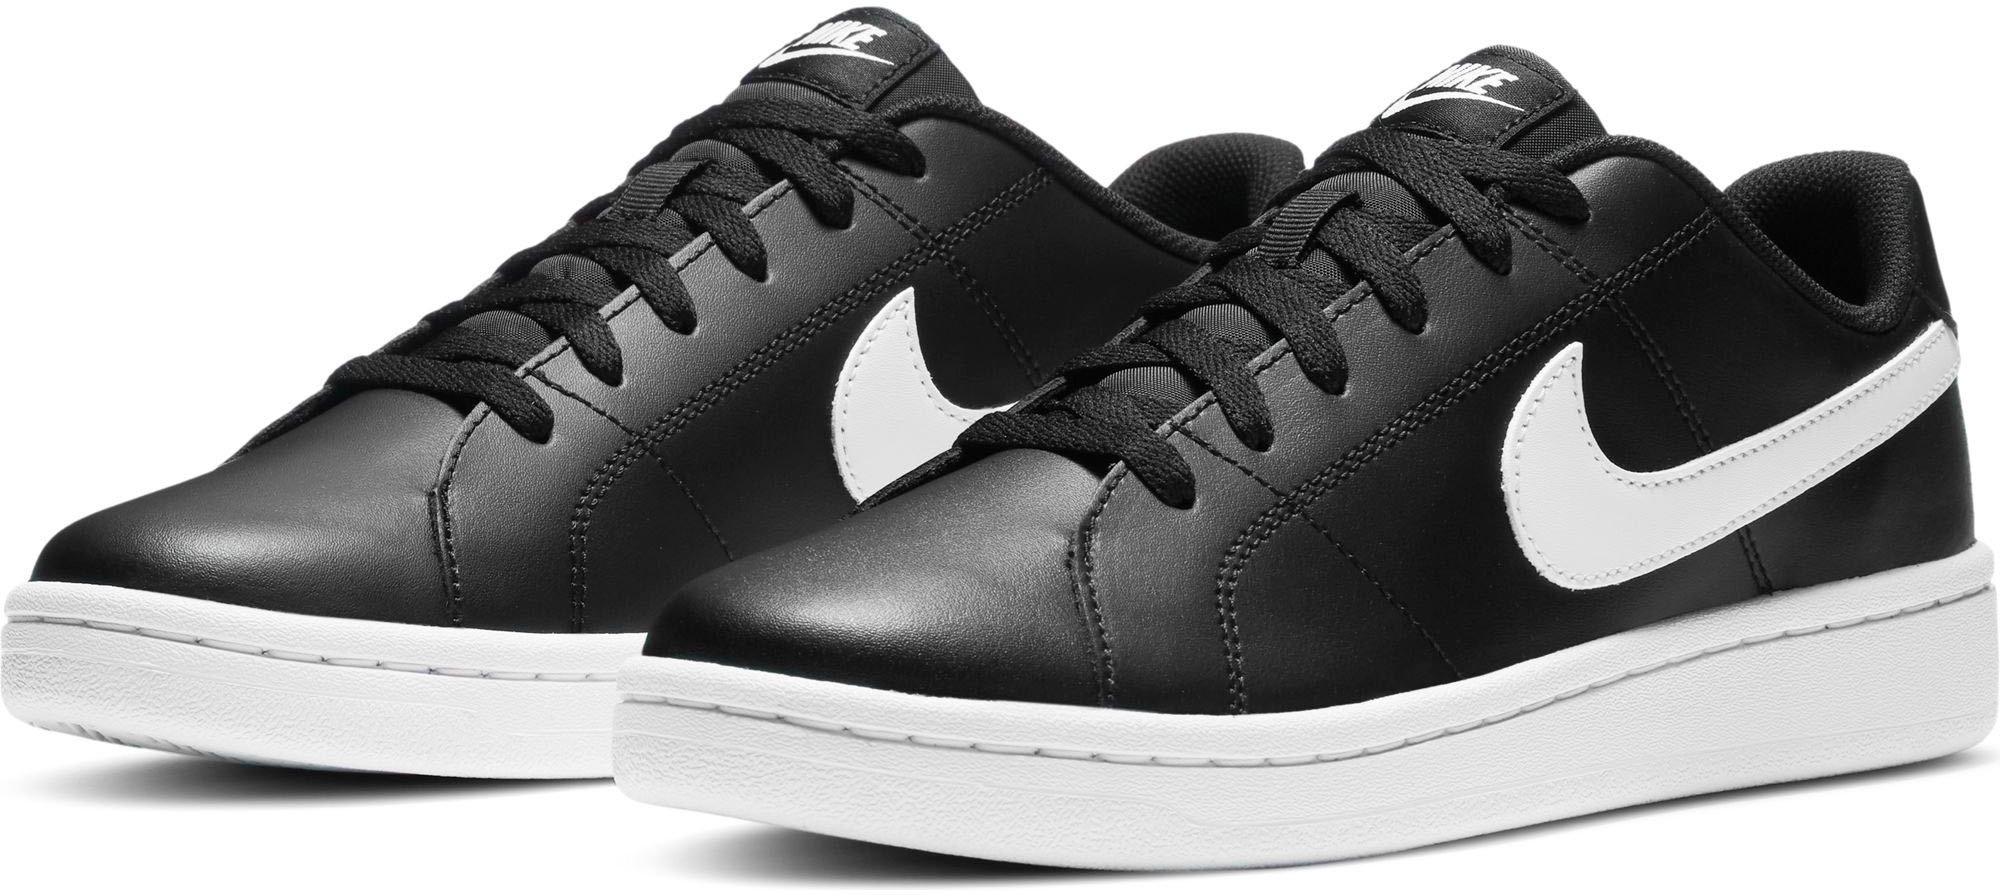 Nike Sportswear sneakers COURT ROYALE 2 LOW goedkoop op otto.nl kopen